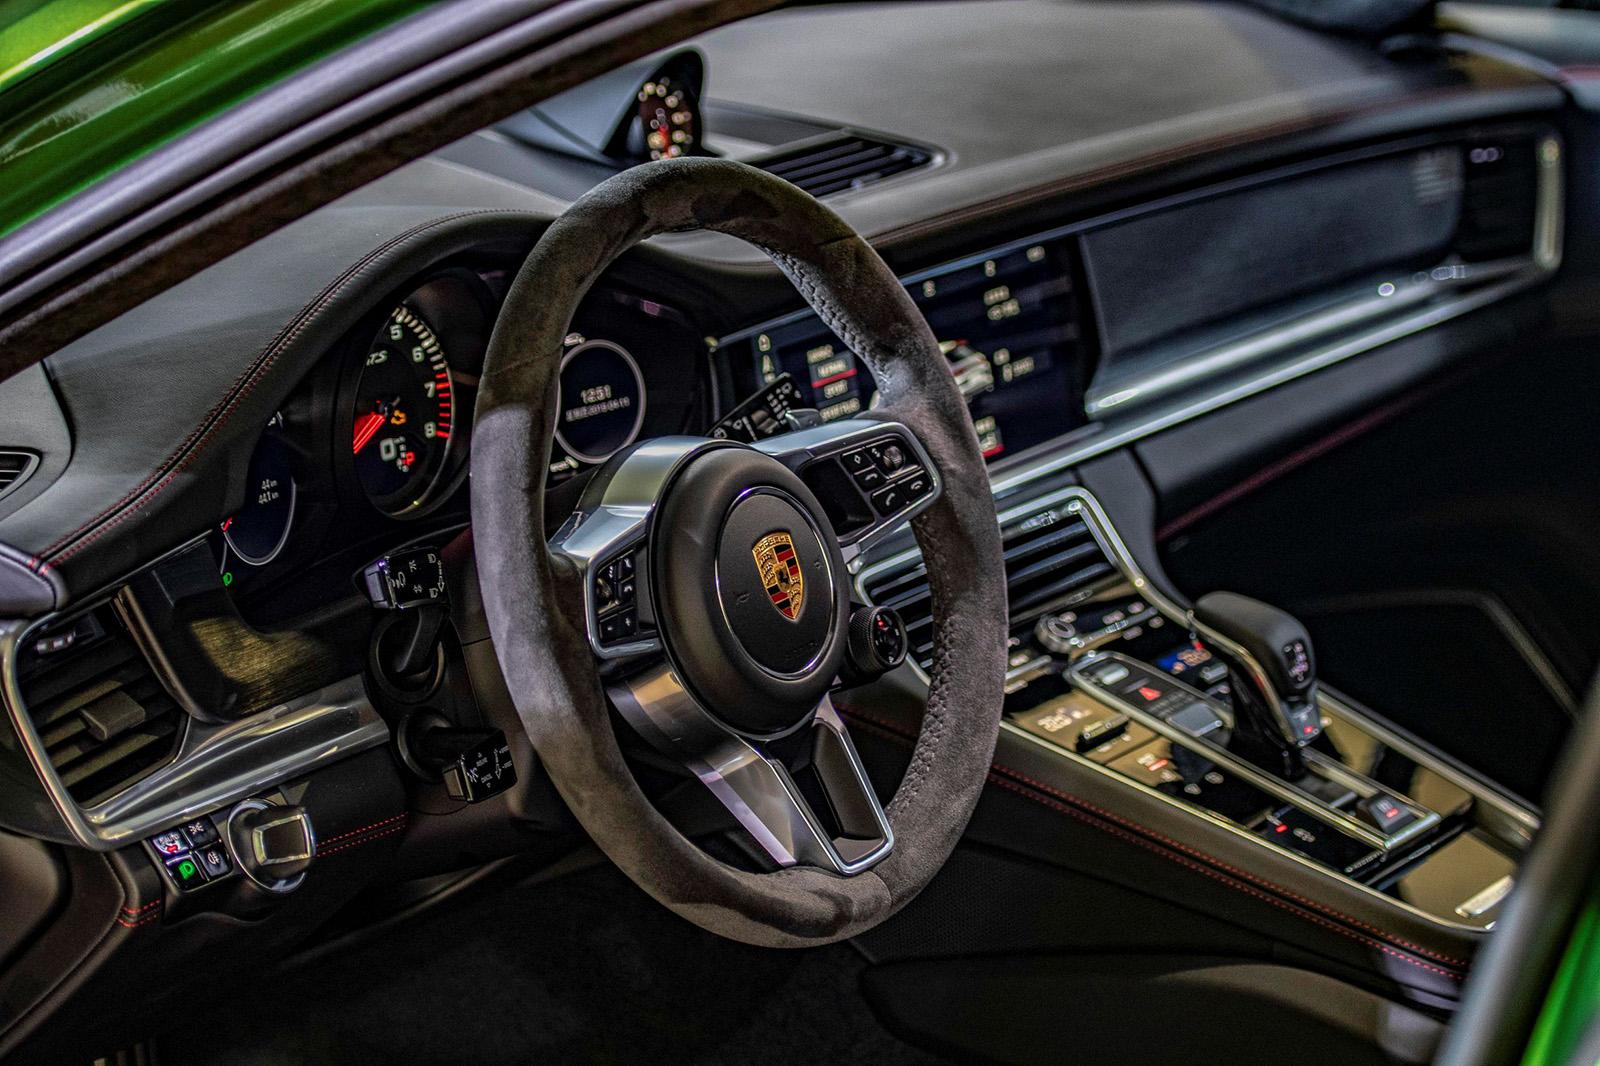 車室內裝採用經典黑色Alcantara麂皮與鋁合金材質搭配設計,另外更配置Alcantara麂皮包覆的多功能加熱跑車式方向盤及換檔撥片